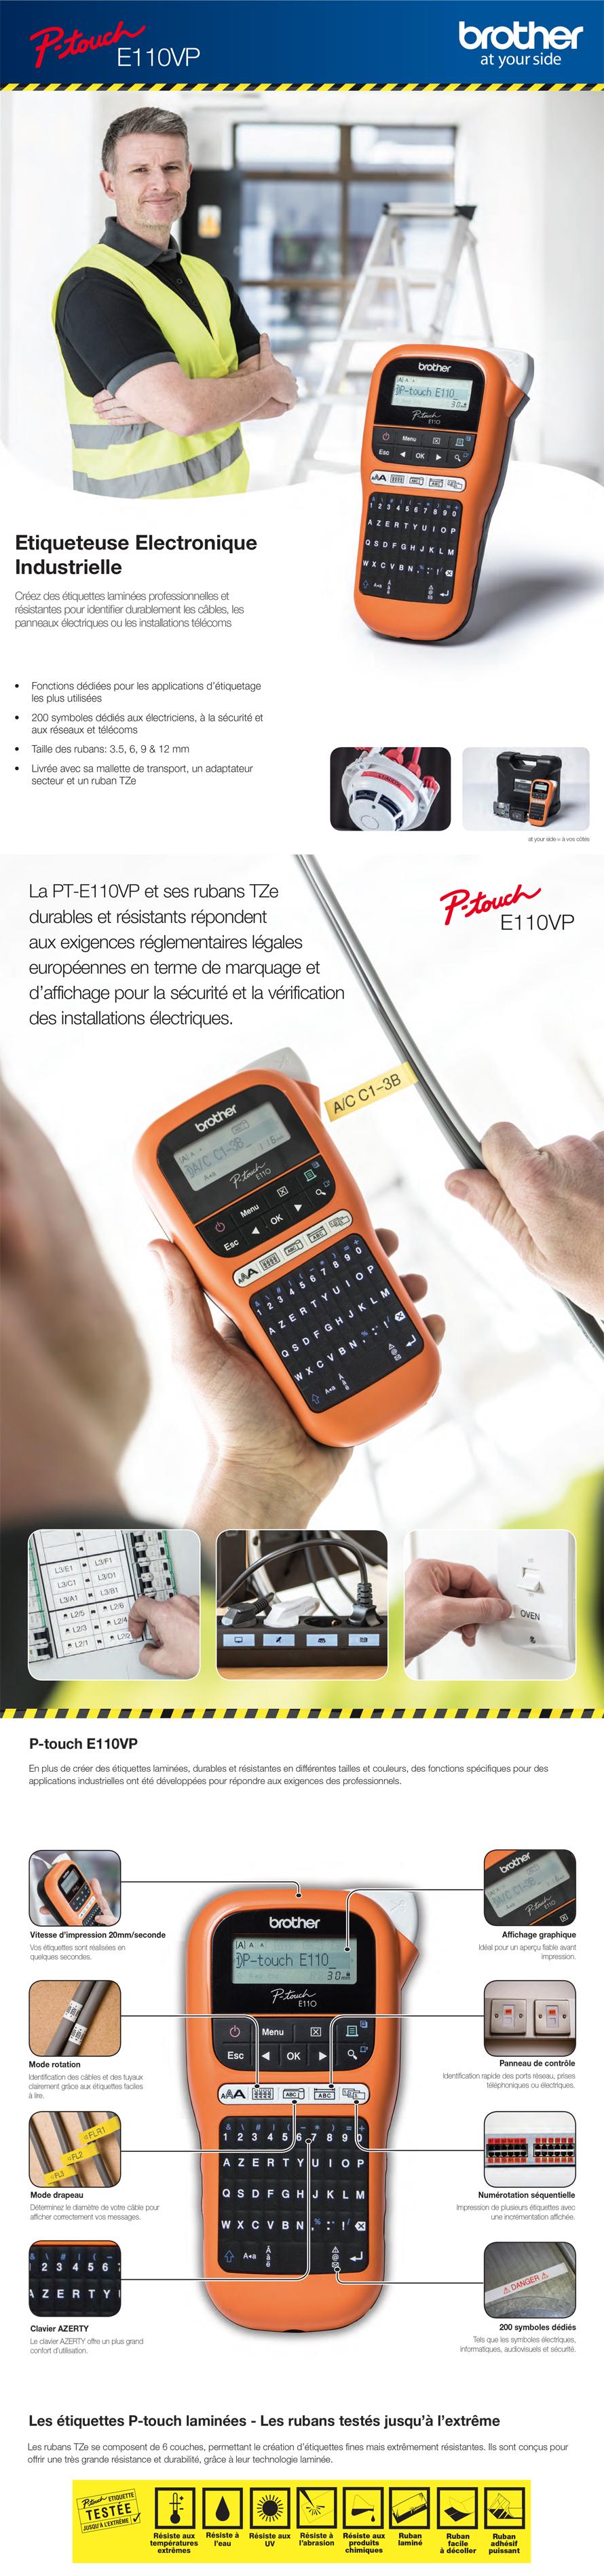 Etiqueteuse professionnelle Maroc portable AZERTY Brother - PT-E110VP